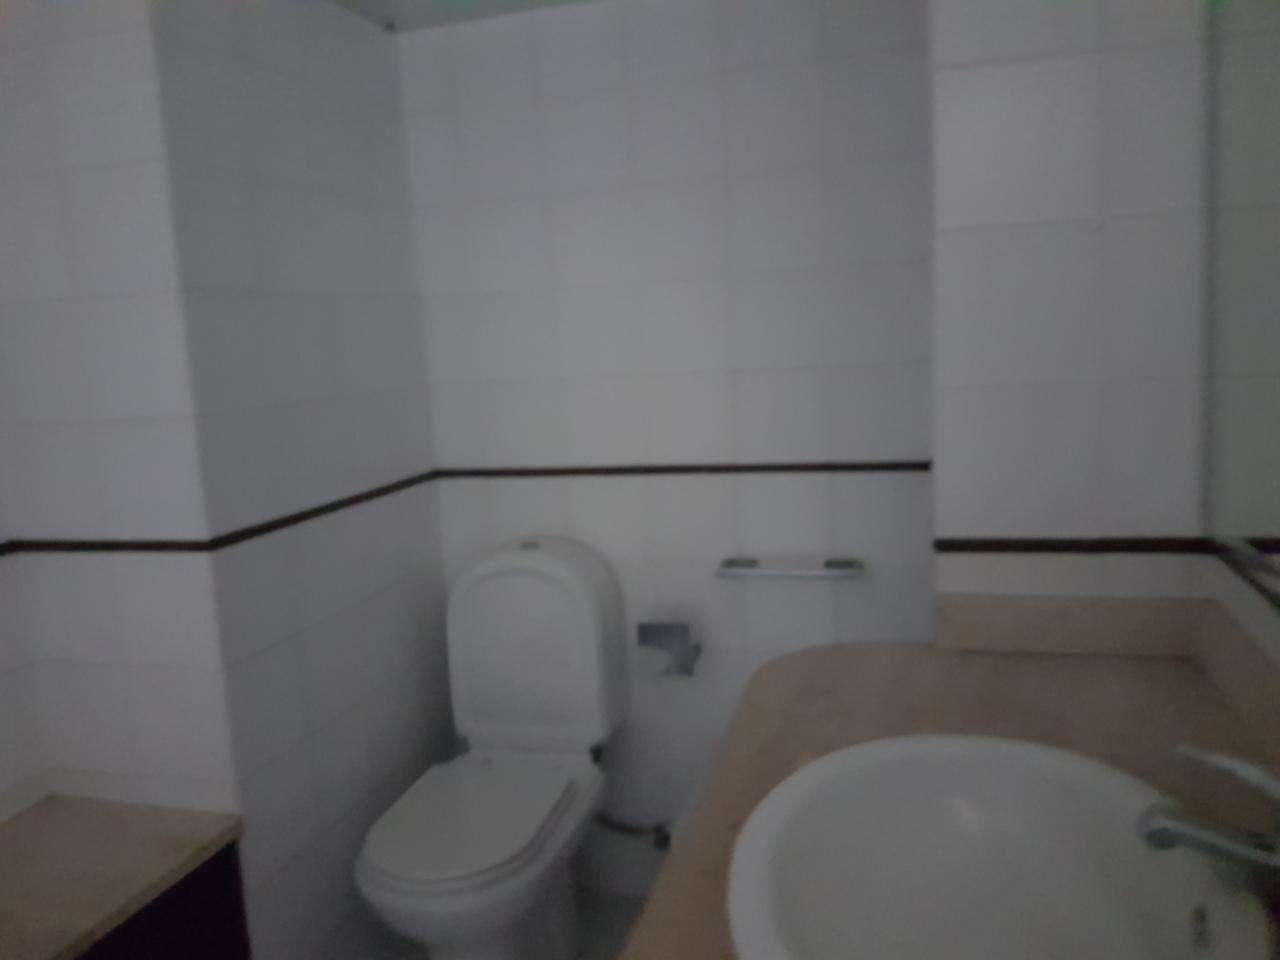 Apartamento para comprar, Bem Viver, Marco de Canaveses, Porto - Foto 8